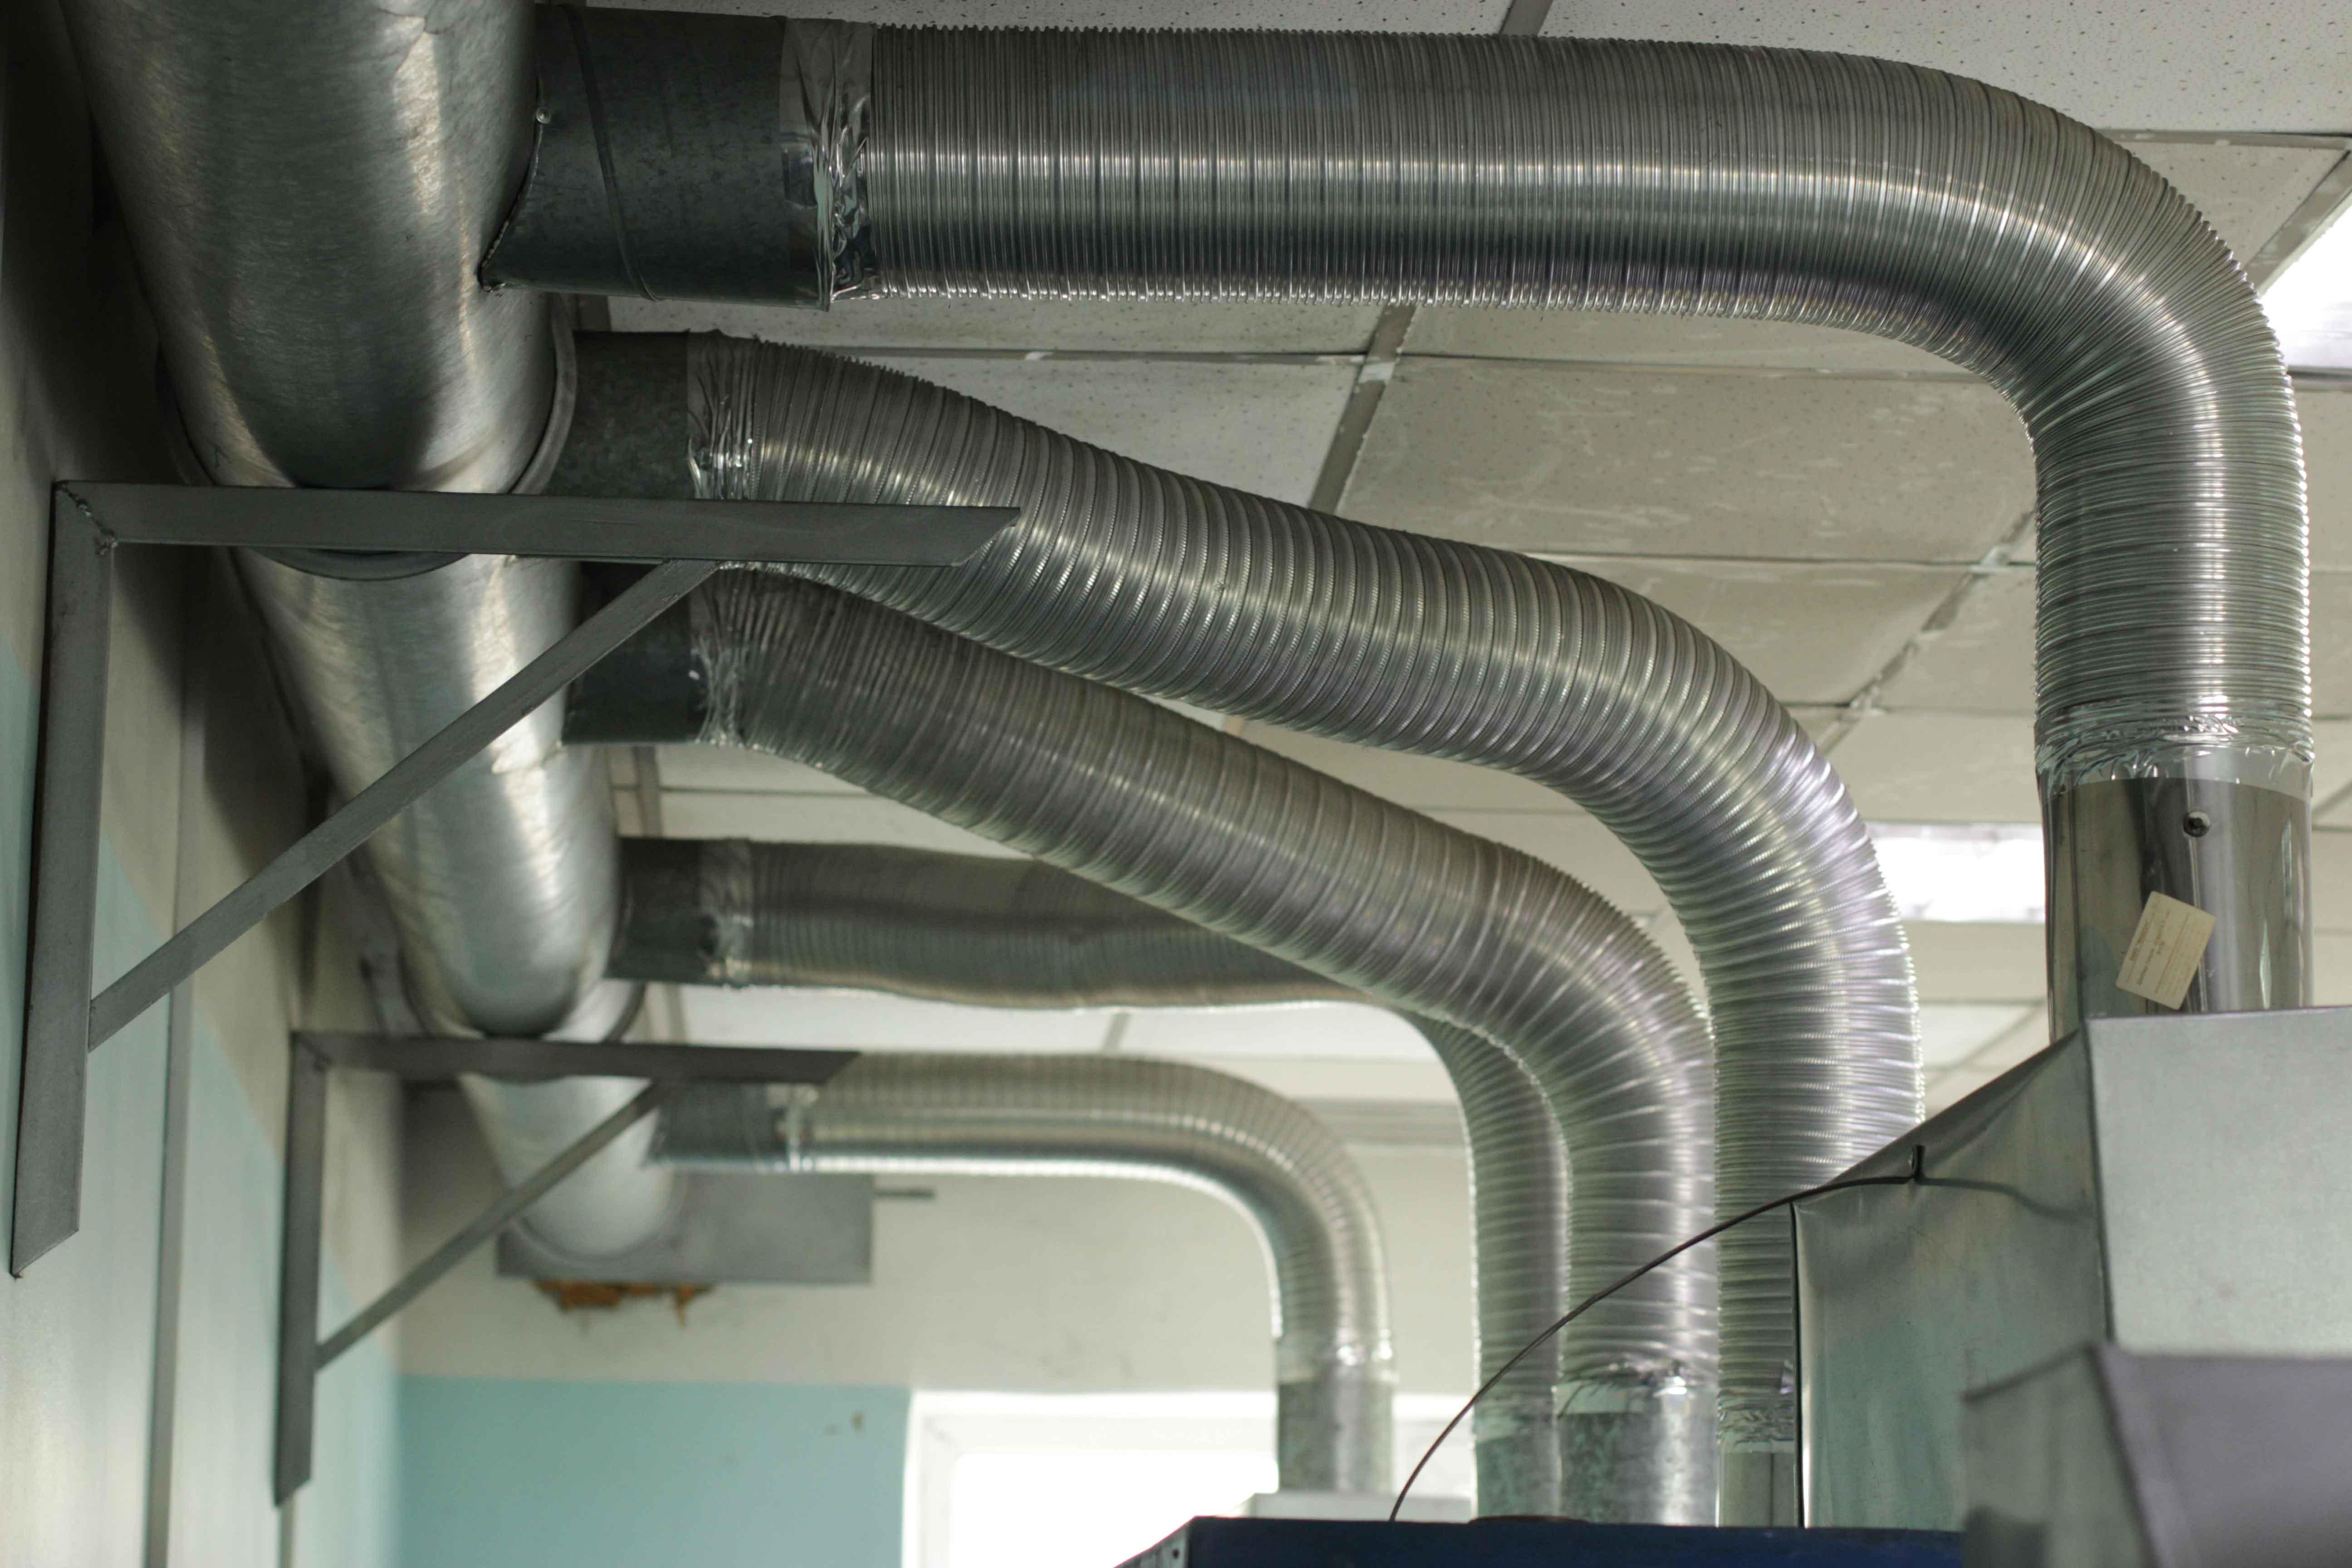 Tubos de extracción de gases